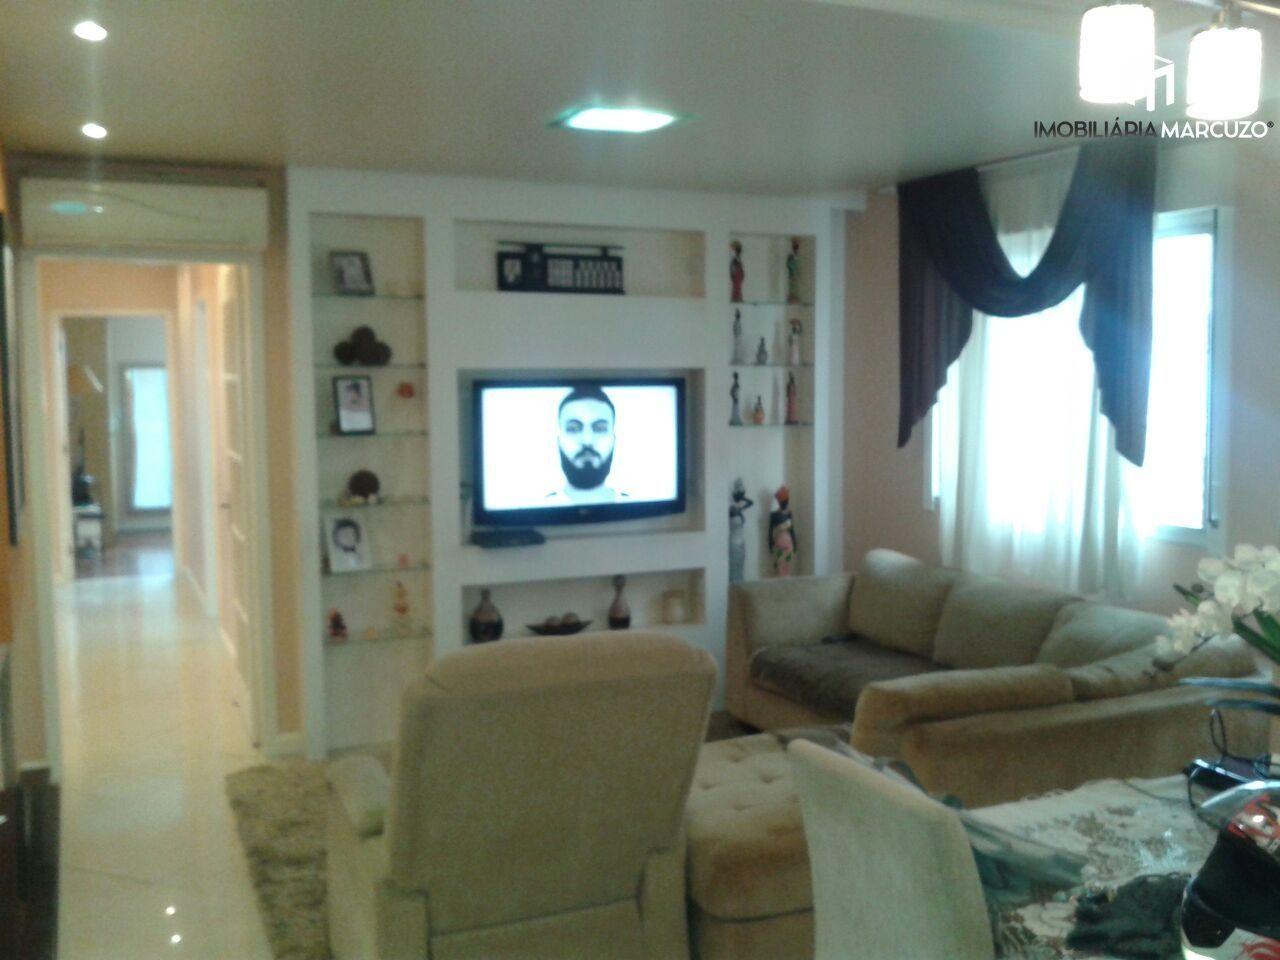 Apartamento com 3 Dormitórios à venda, 105 m² por R$ 400.000,00